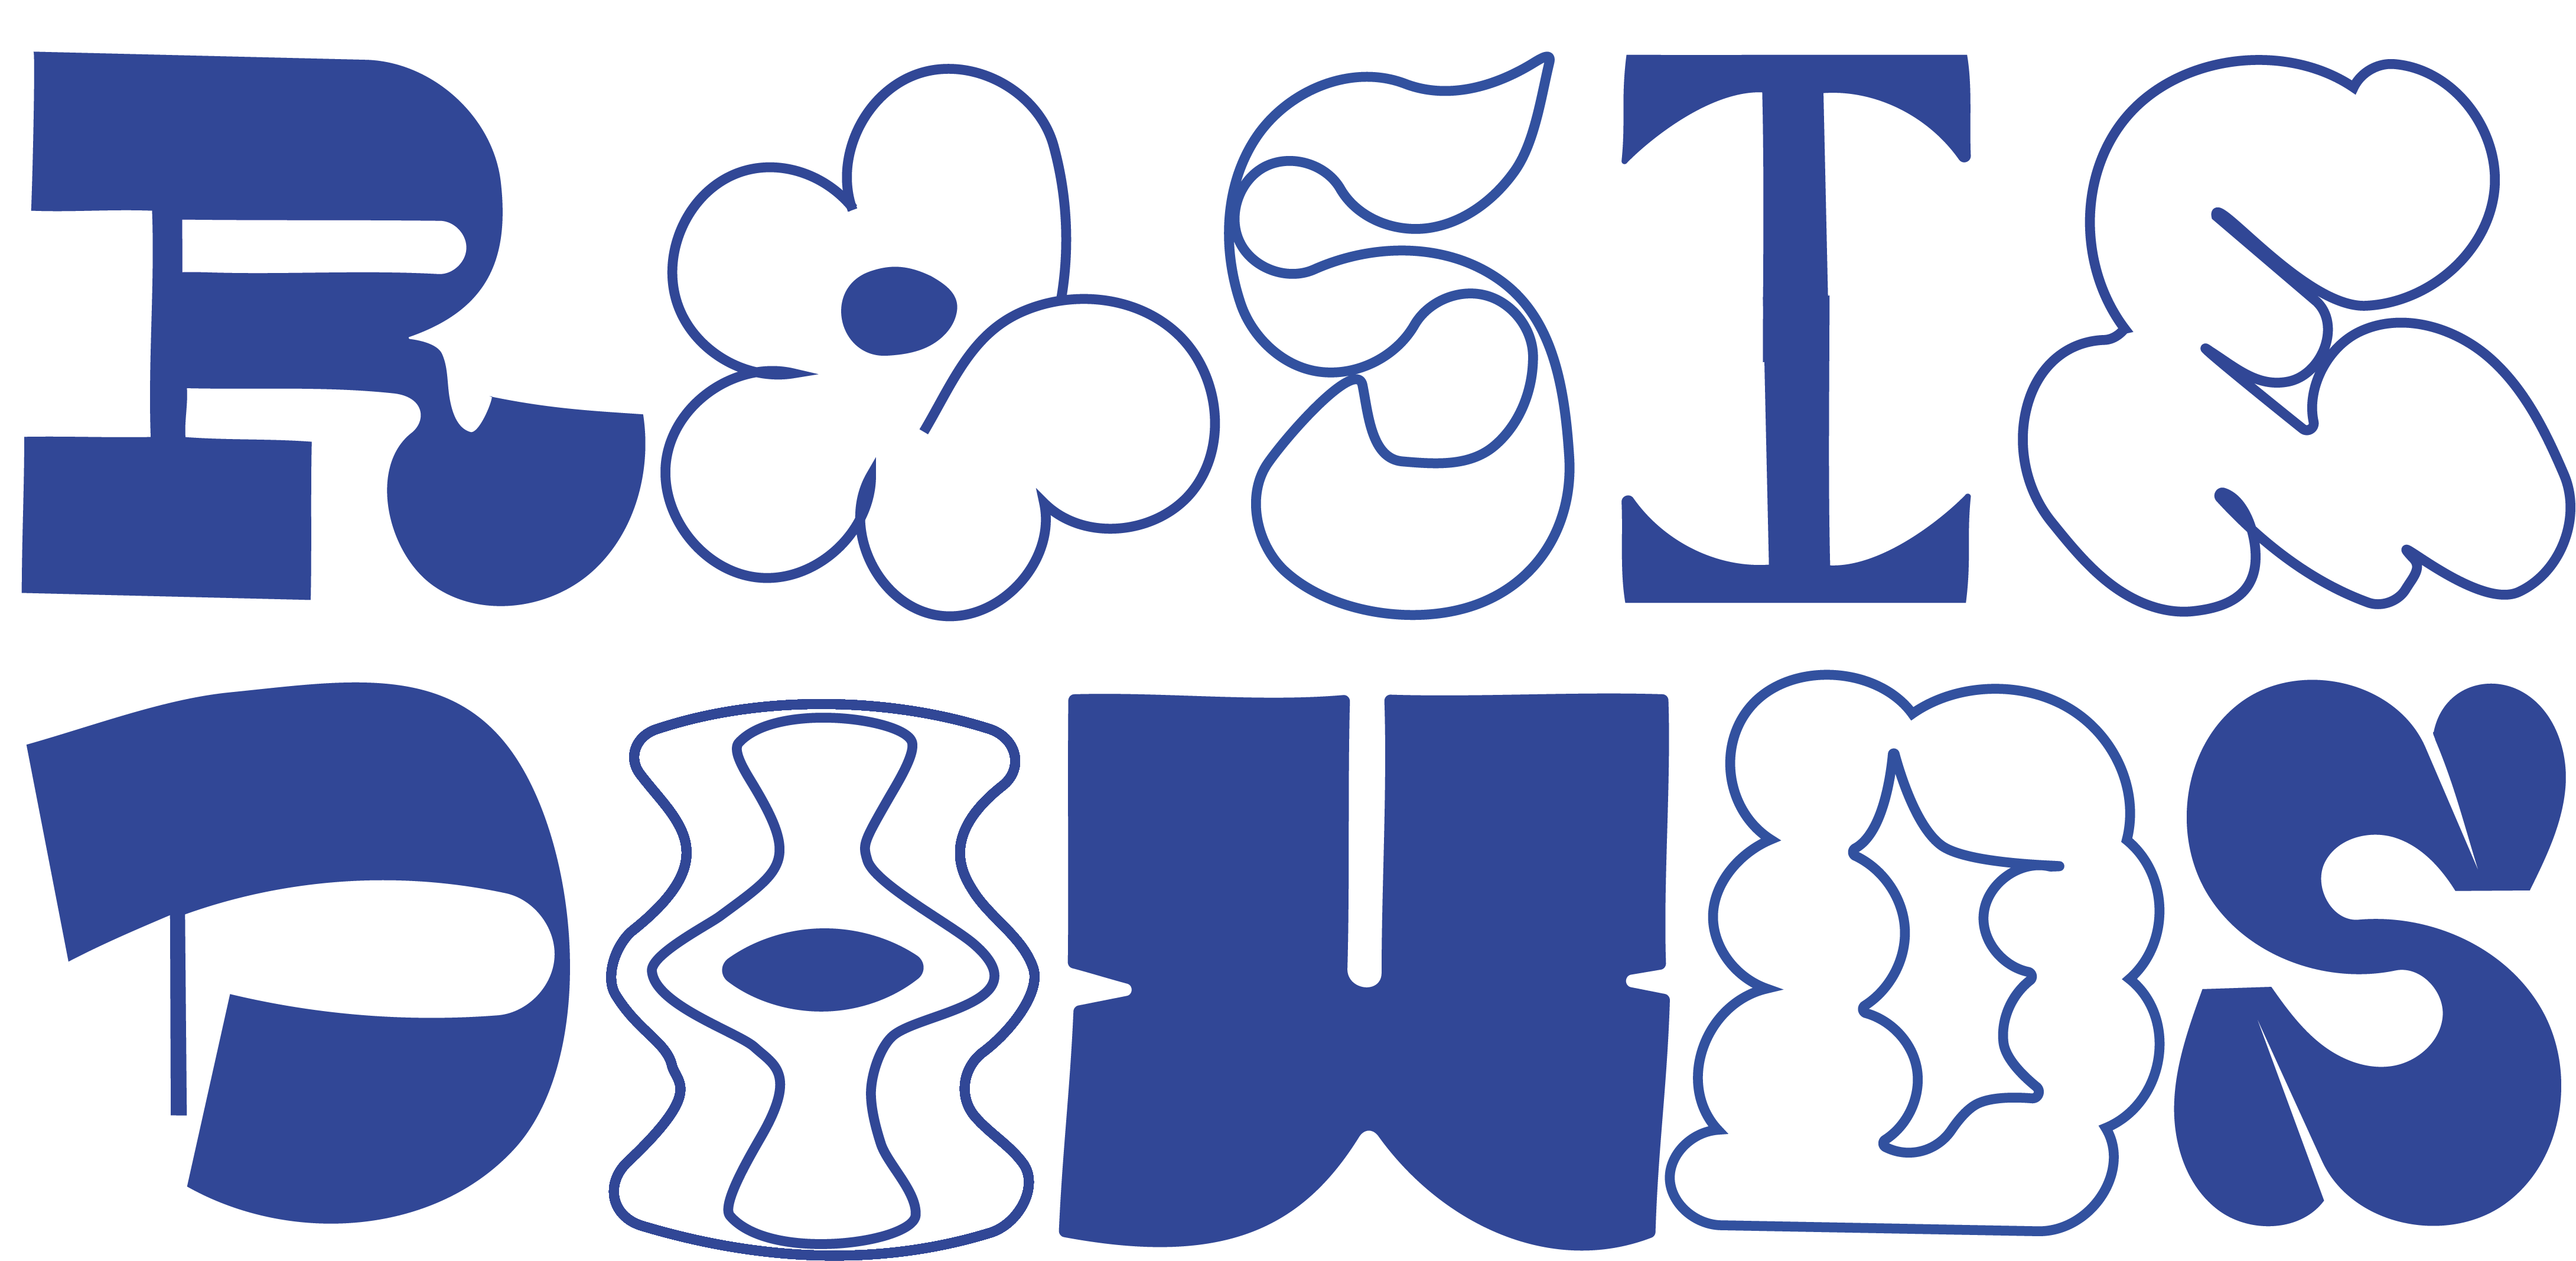 wordmark-final-blue